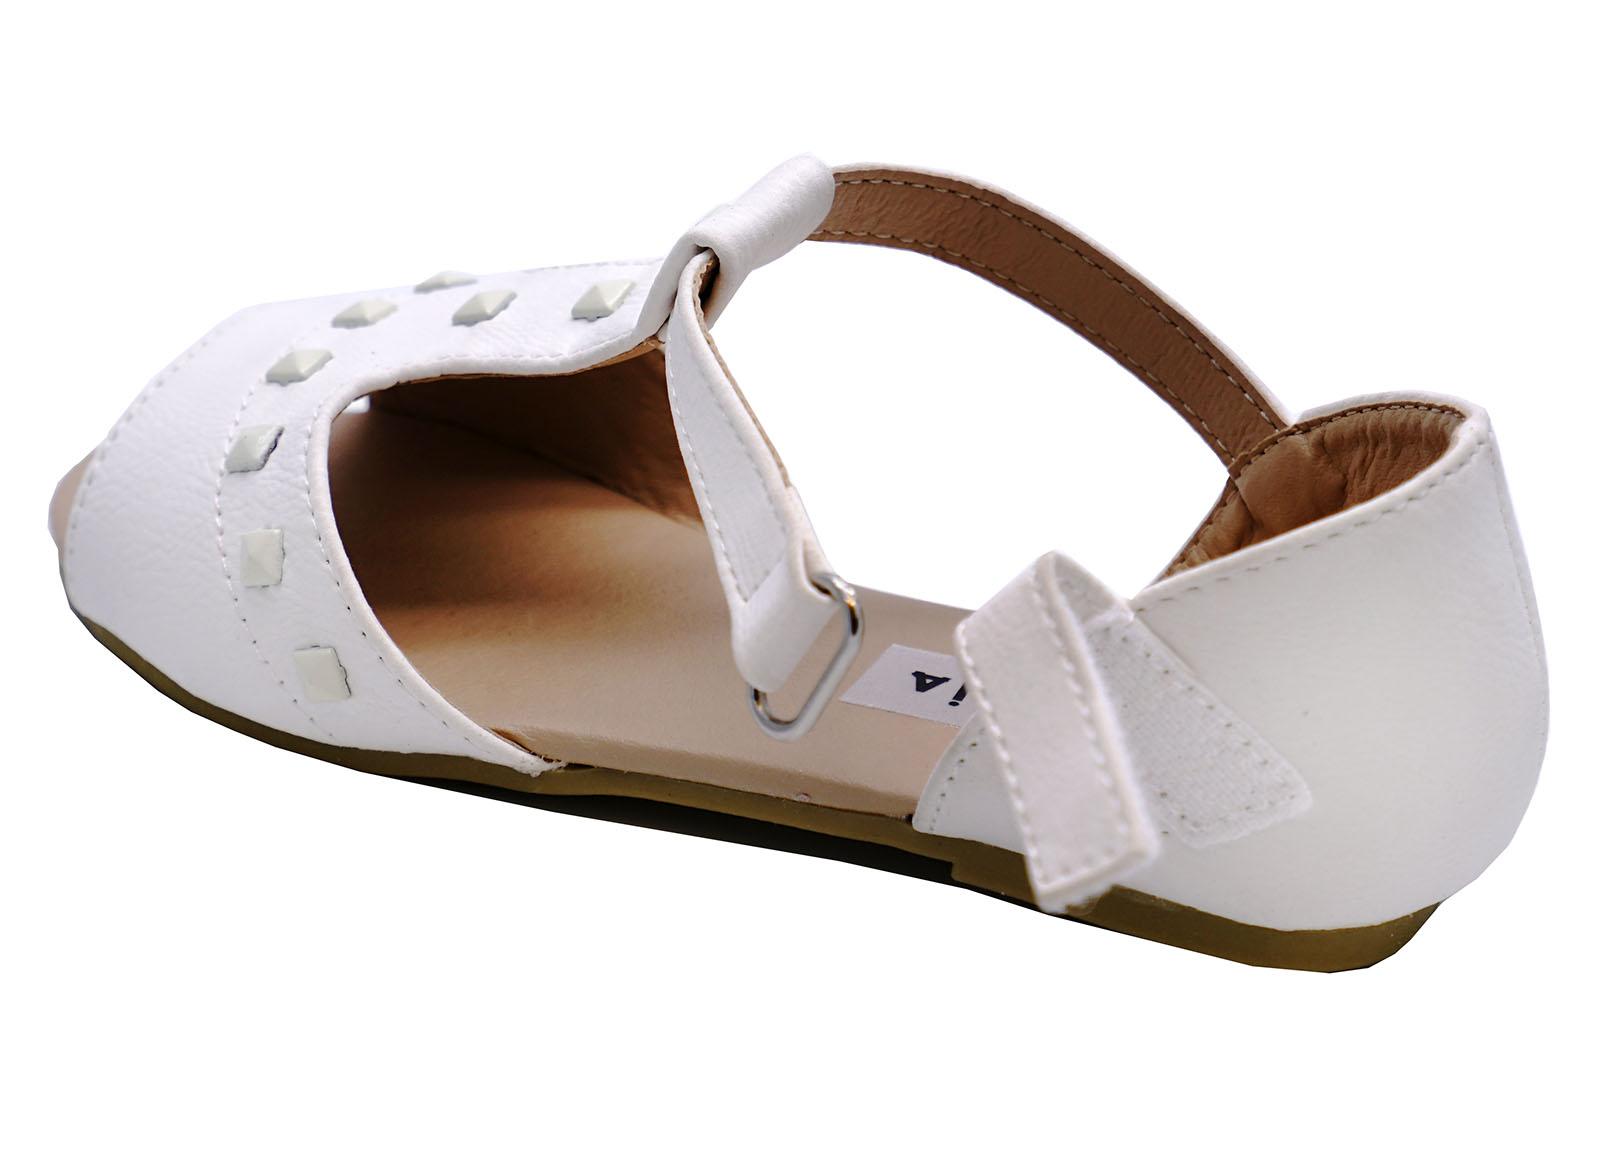 Niñas Niños Childrens Blanco Sandalias Gladiador Sin Cordones Verano Zapatos Tallas 7-12